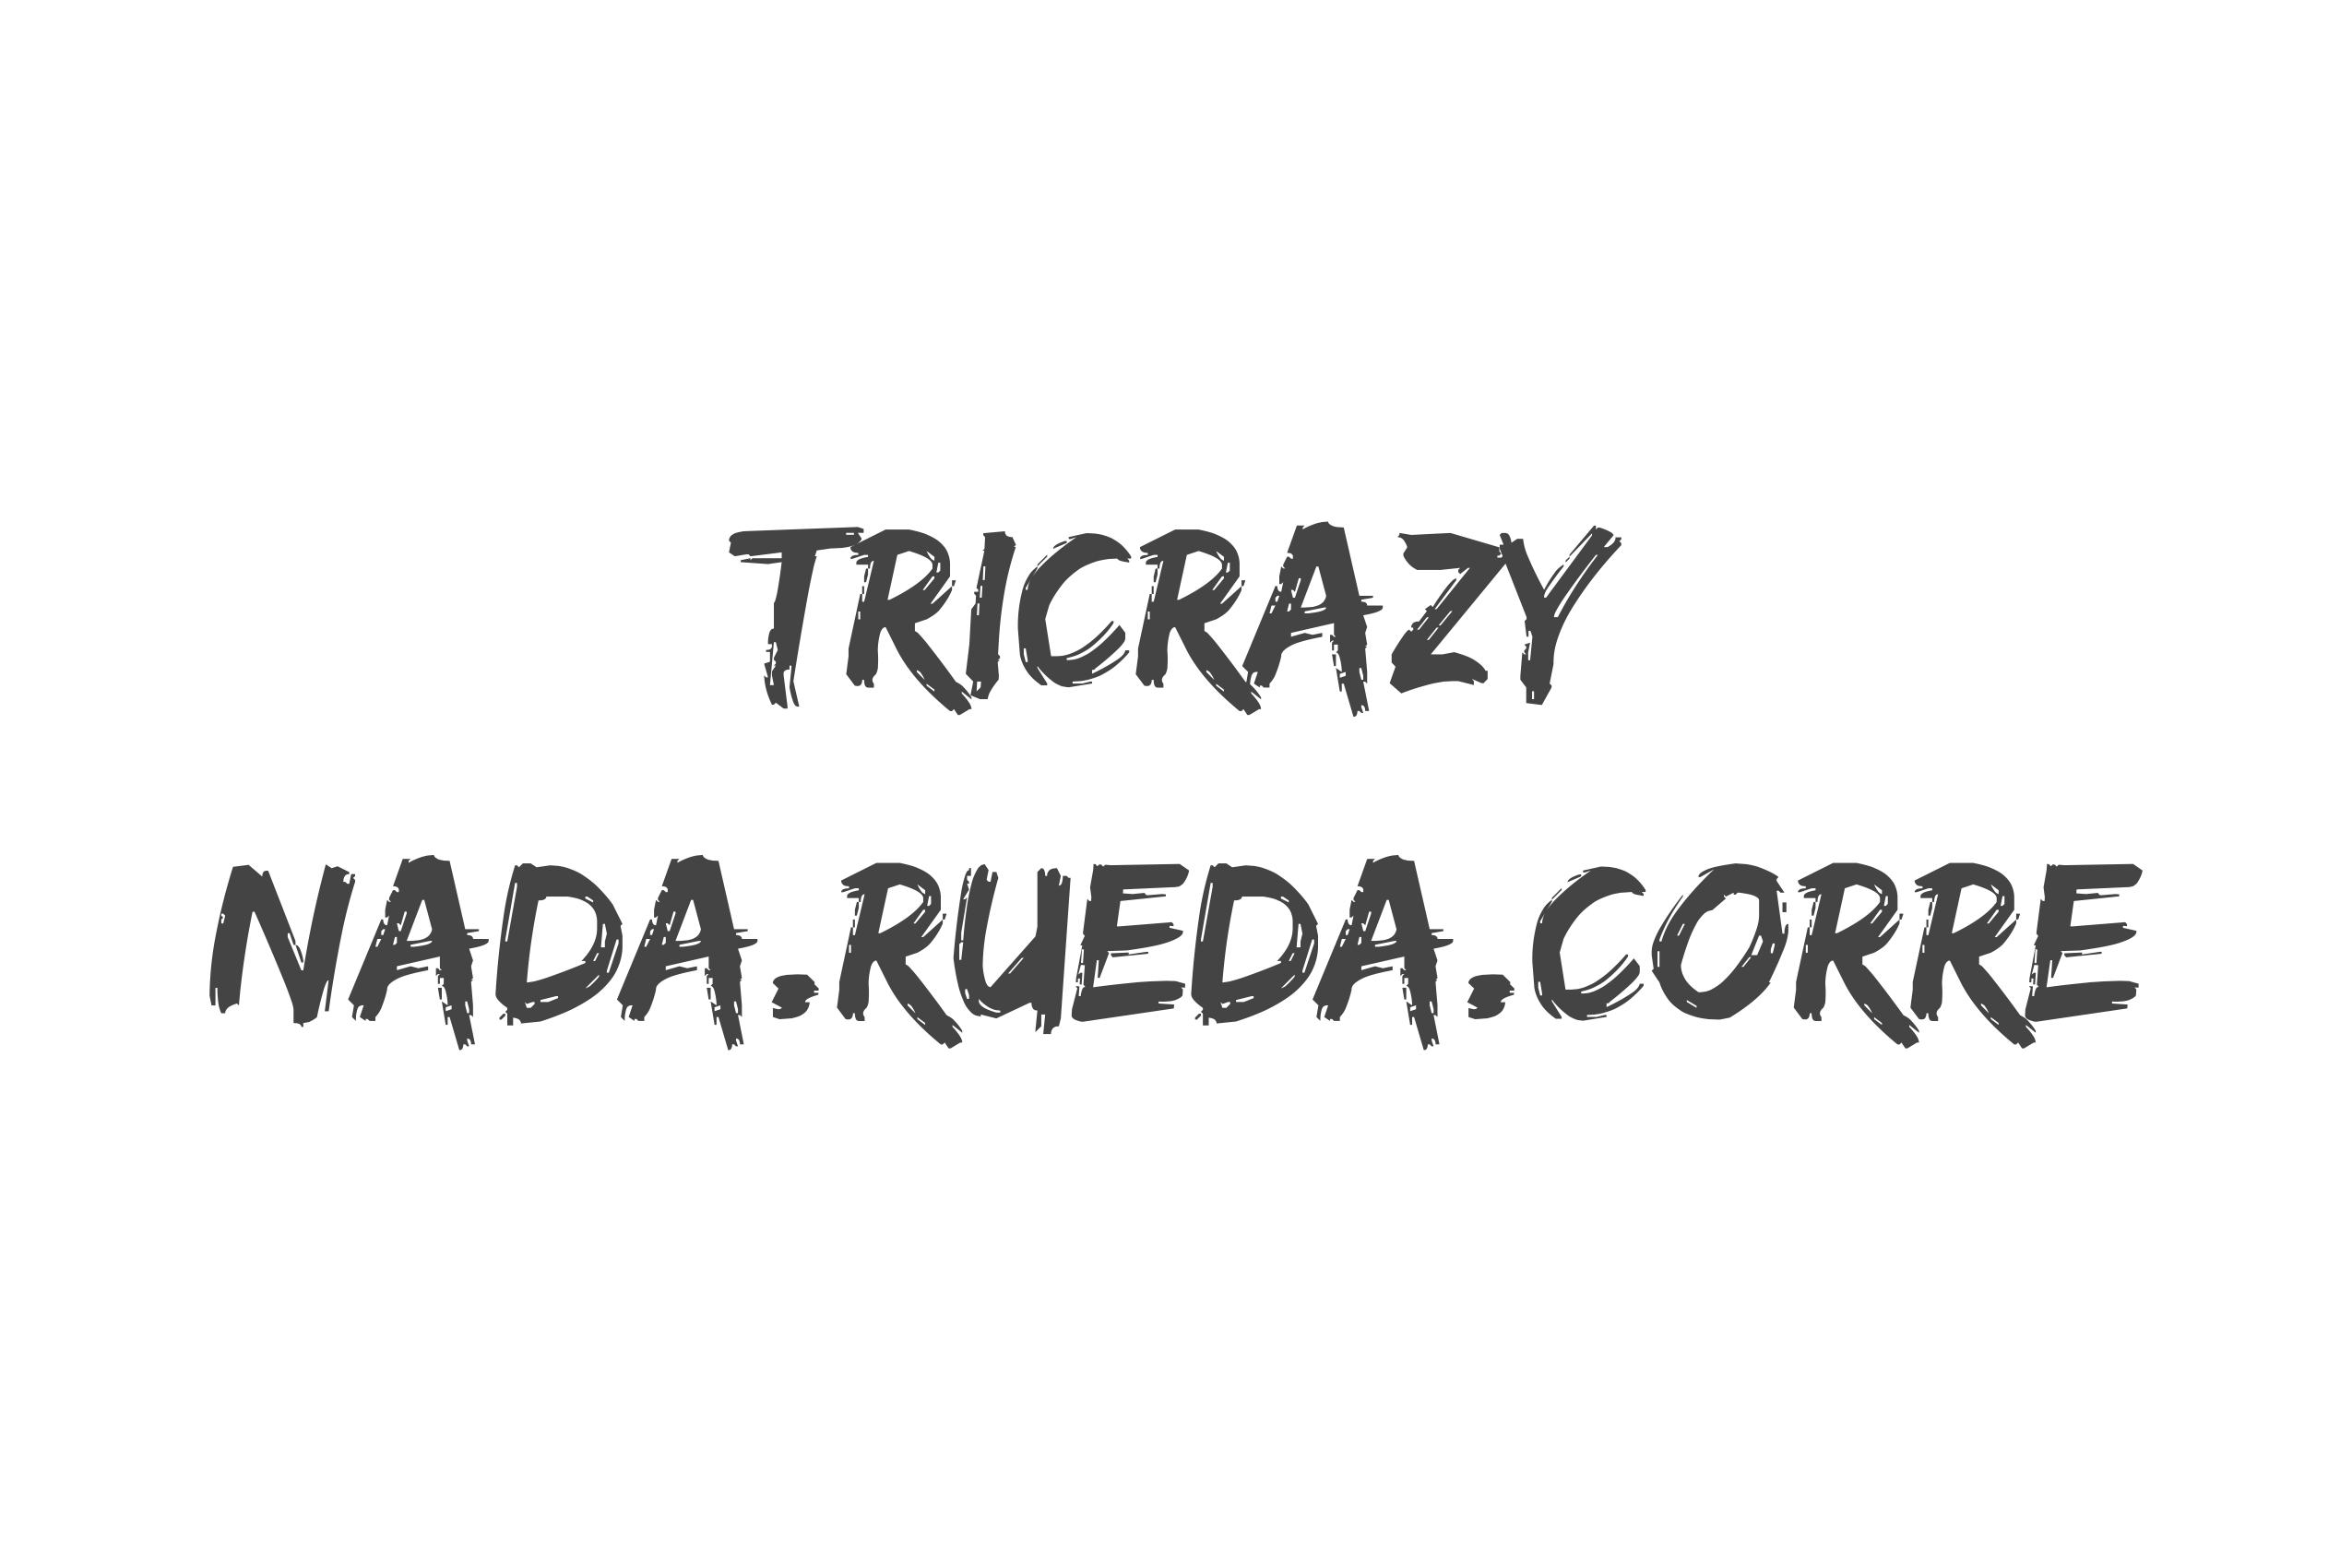 Tricrazy